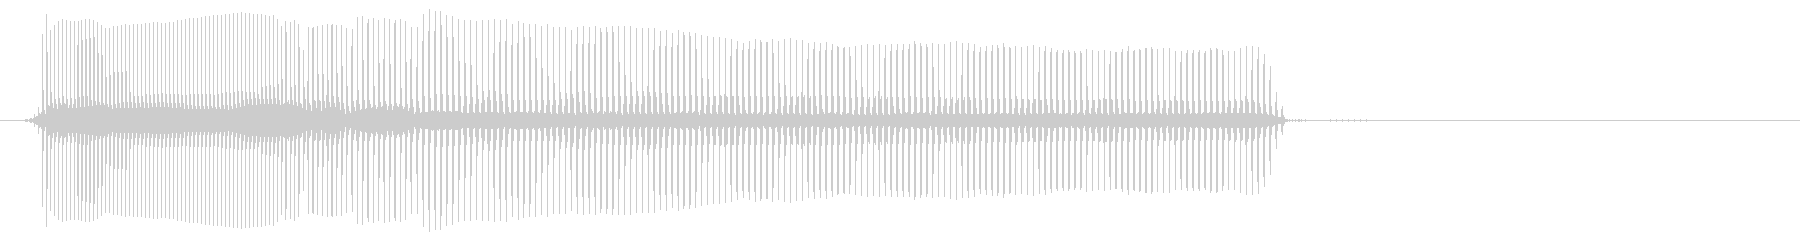 バリトンサックス:トゥートーンロー...の未再生の波形